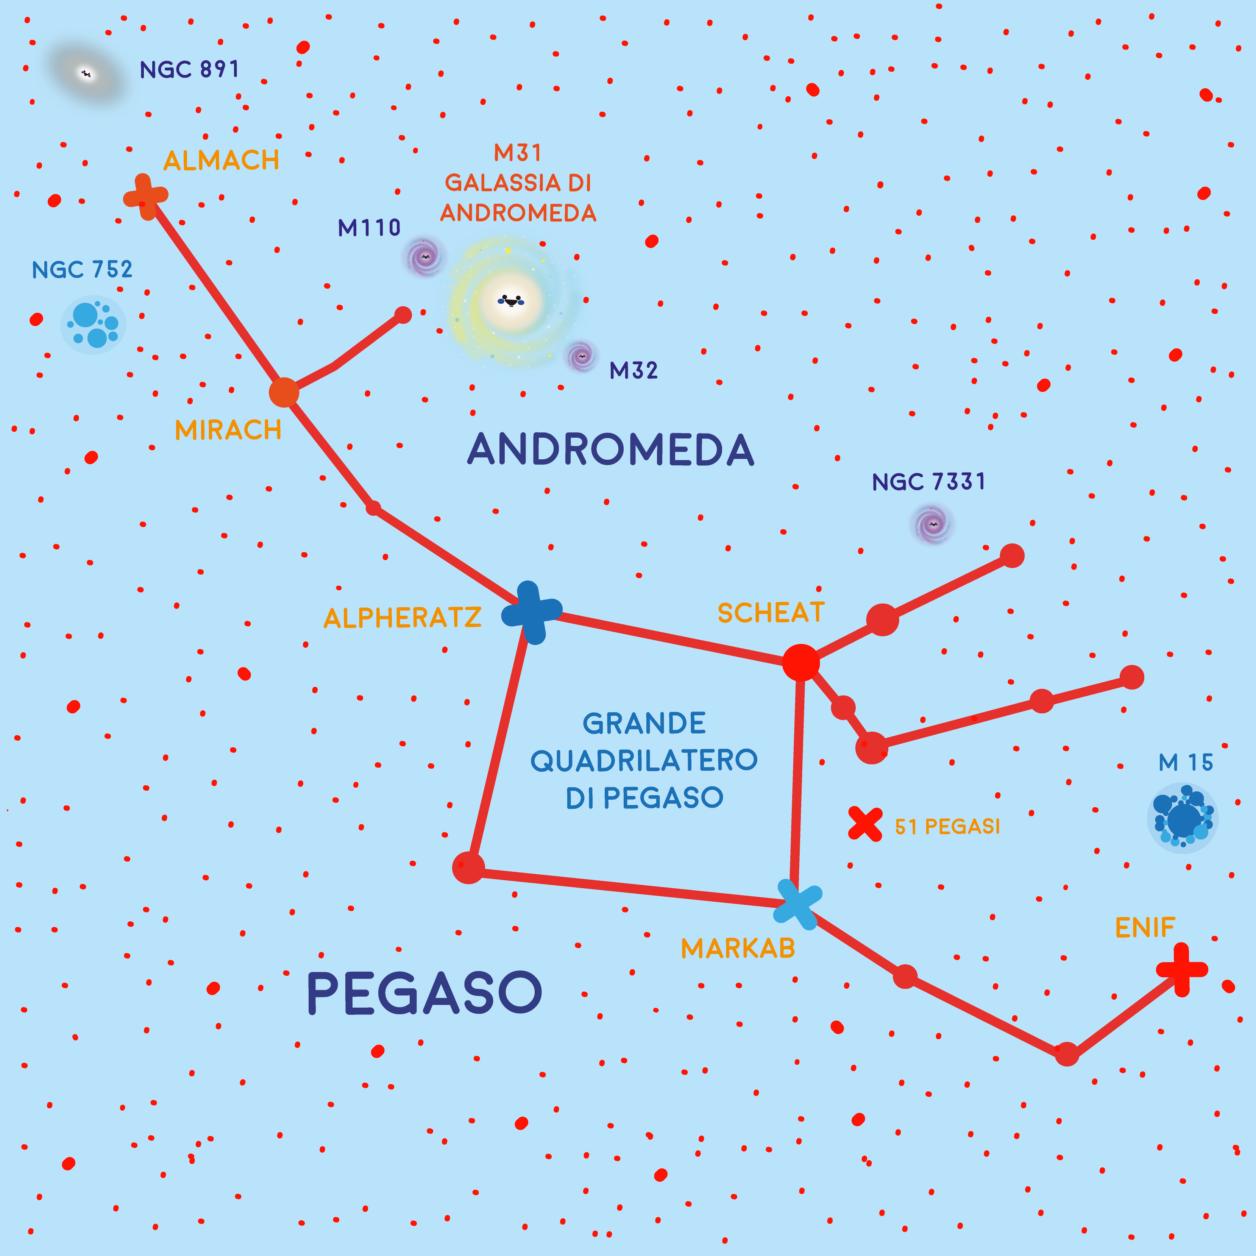 Costellazione di Pegaso e Costellazione di Andromeda